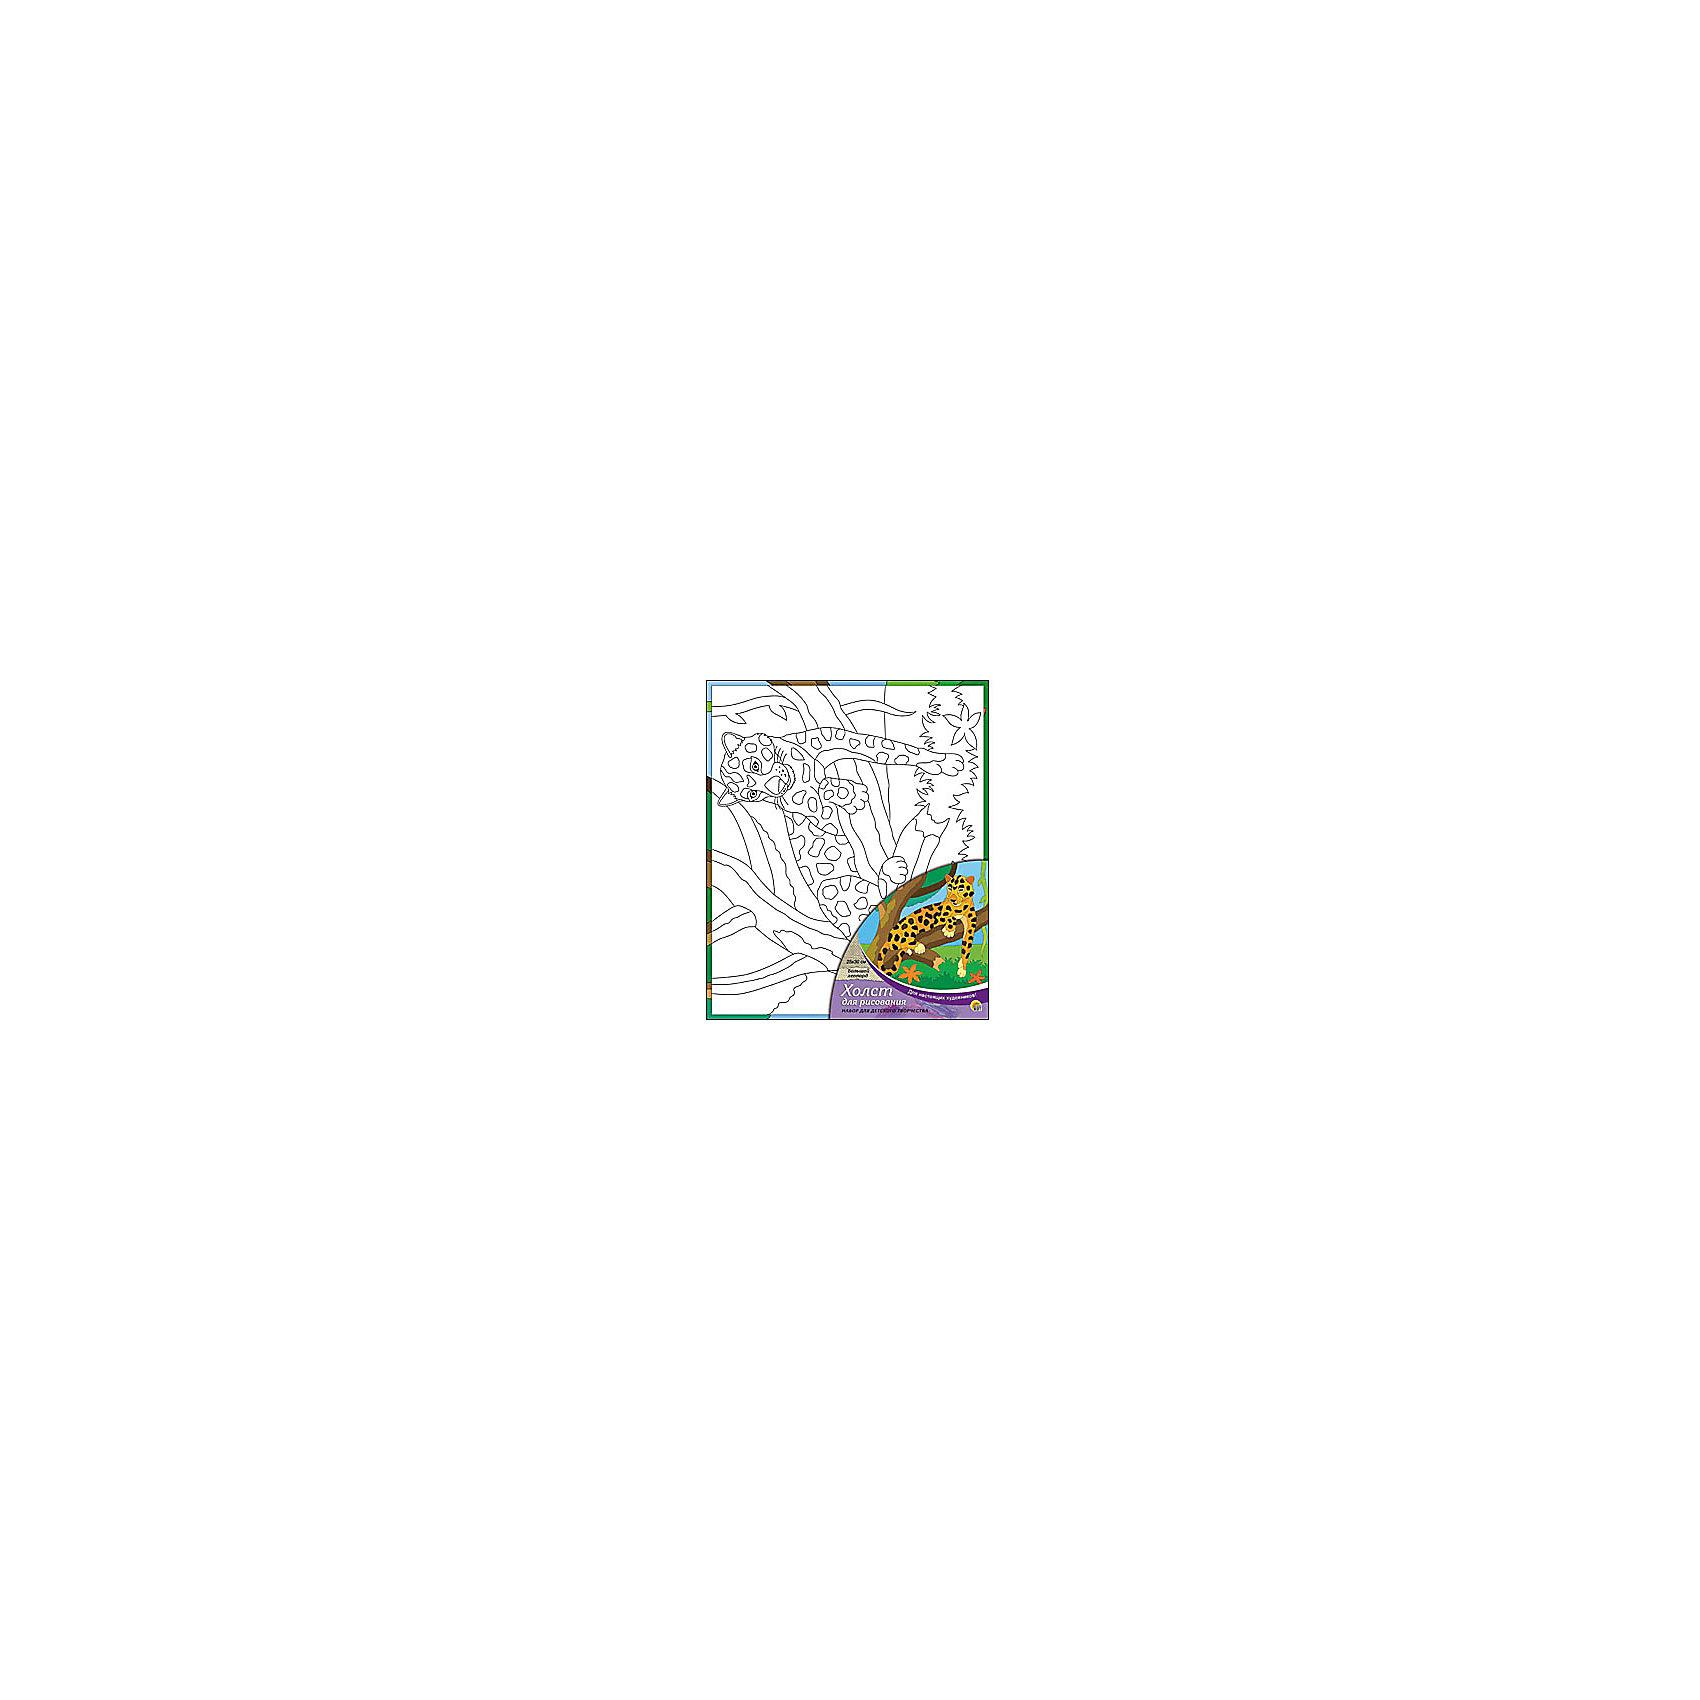 Холст с красками Большой леопард, 25х30 смРисование<br>Холст с красками Большой леопард поможет ребенку провести время с пользой и развить художественные навыки. Яркими красками он с удовольствием раскрасит эскиз на холсте и с гордостью сможет похвастаться родителям и друзьям!<br><br>Дополнительная информация:<br>В наборе: холст-эскиз, 7 акриловых красок, кисточка<br>Размер: 25х1,5х30 см<br>Вес: 250 грамм<br>Вы можете приобрести холст с красками Большой леопард в нашем интернет-магазине.<br><br>Ширина мм: 300<br>Глубина мм: 15<br>Высота мм: 250<br>Вес г: 250<br>Возраст от месяцев: 36<br>Возраст до месяцев: 120<br>Пол: Унисекс<br>Возраст: Детский<br>SKU: 4939536